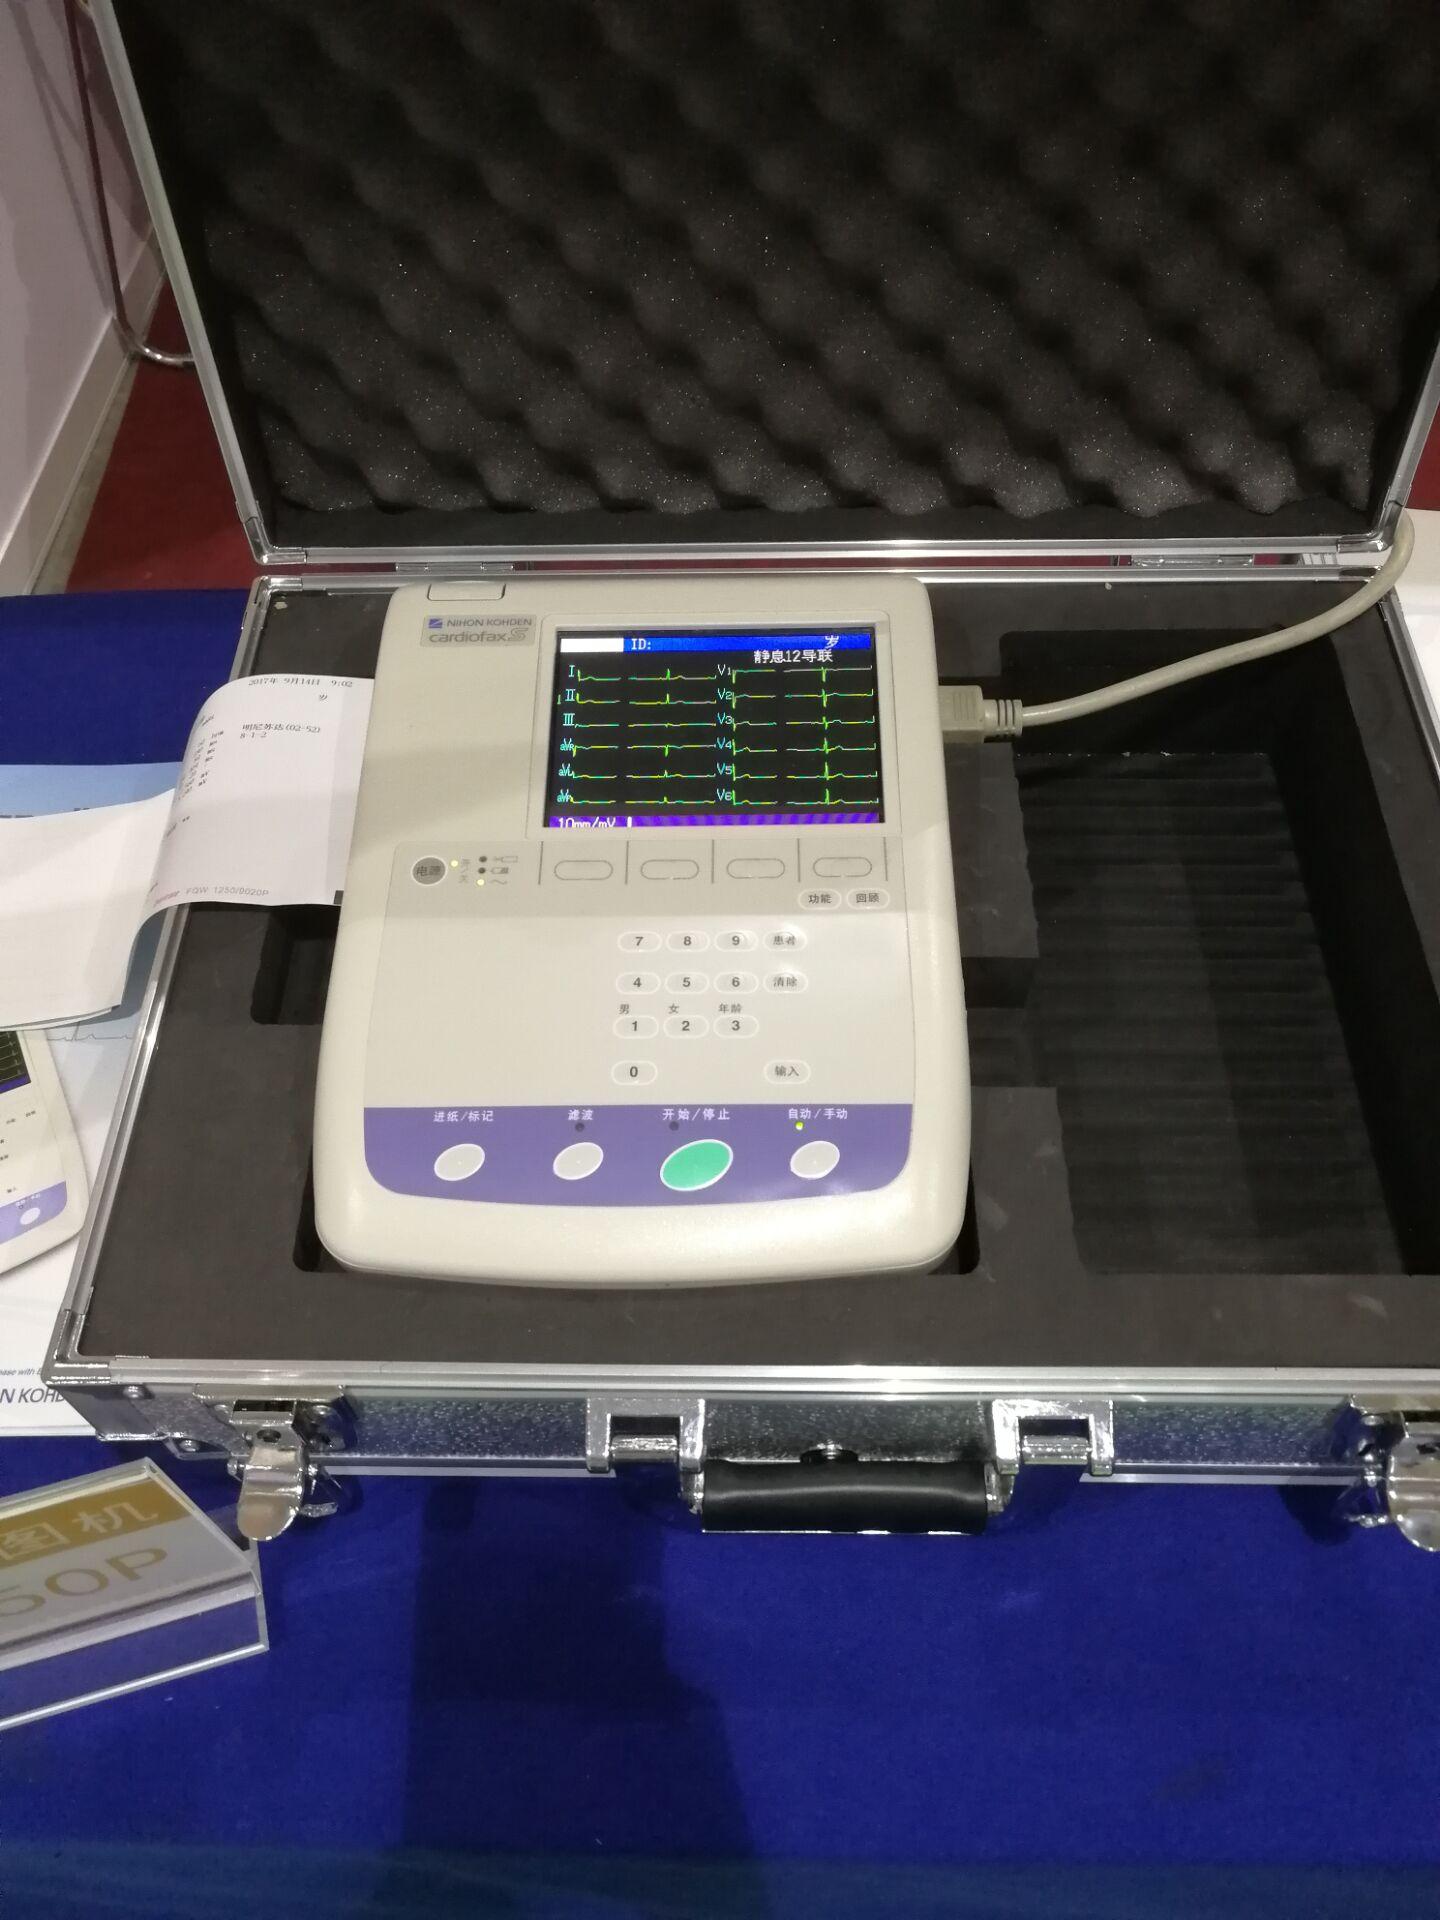 光电ECG-1250心电图机 我们销售的是日本原装进口的心电图机 光电ECG-1250心电图机,同步十二道采集,六道打印。5.6寸彩色液晶显示屏,超高分辨率显示的更清楚。机器所有按键均为硅胶材料所制,即便是使用10万次,机器也不会坏。ECG-1250P是原装进口六道心电图机,二甲医院都会选择这款机器。 光电ECG-1250心电图机 原装进口型号利润更高 联系人:李经理 QQ:2221290937 手机/微信:18663717353 光电ECG-1250心电图机 ECG-1250P进口机器质保一年 1.